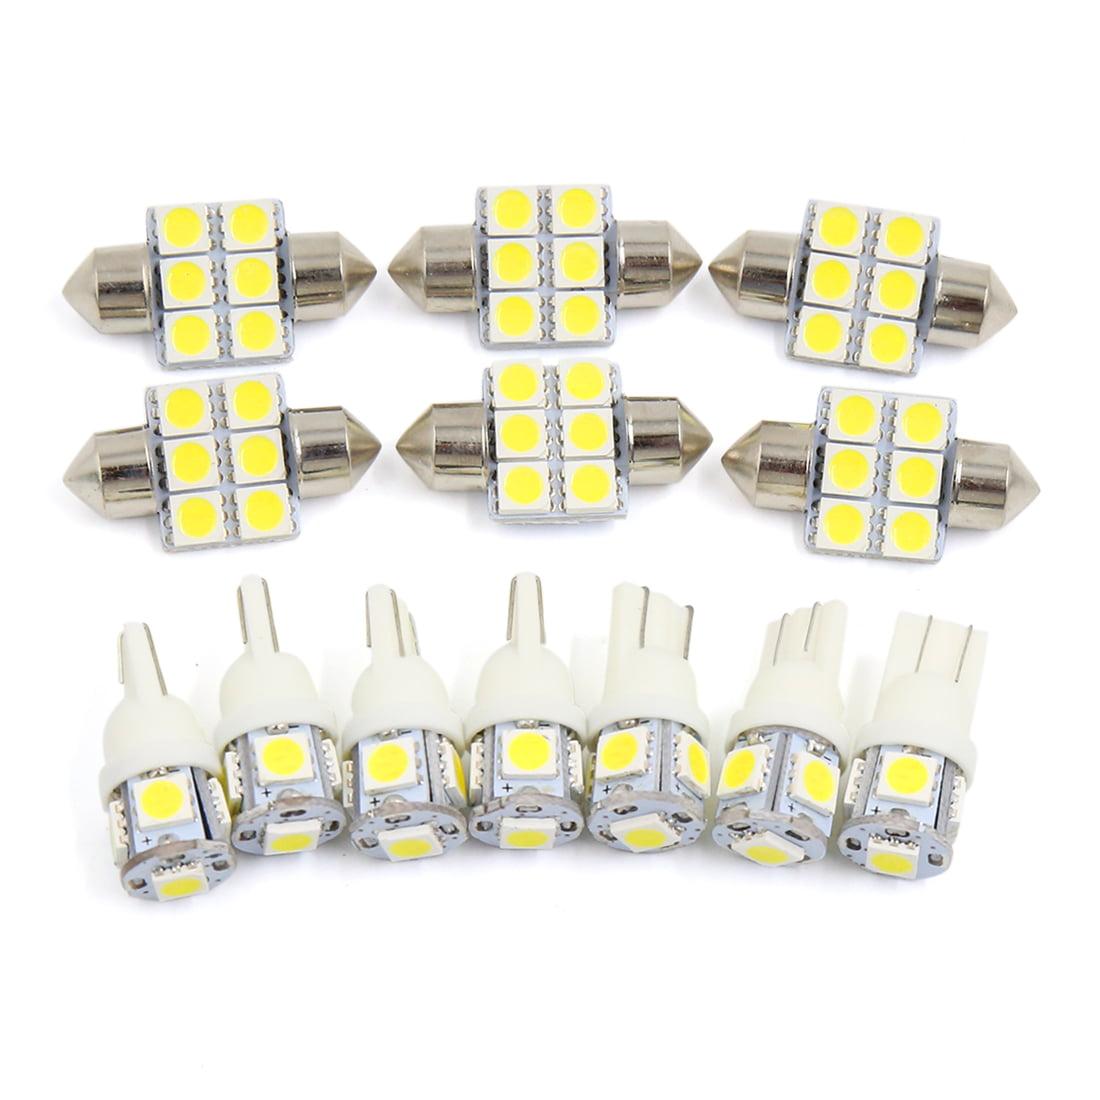 13x For  4Runner 2003-2012 White Car Interior Dome Map Step  Light Kit